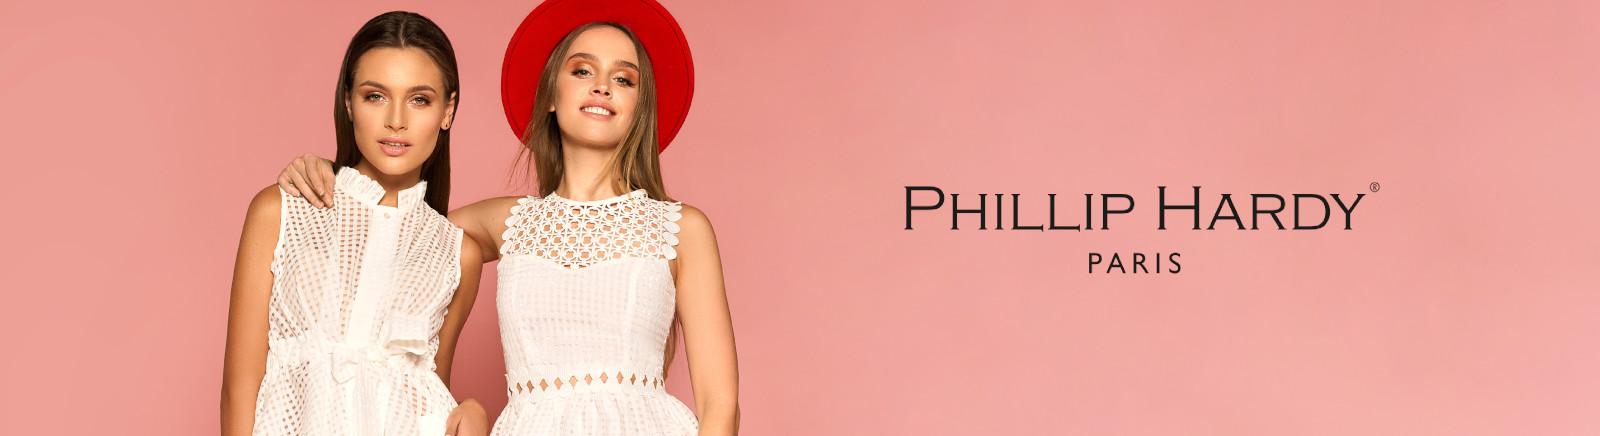 Phillip Hardy Damenschuhe online bestellen im Juppen Shop